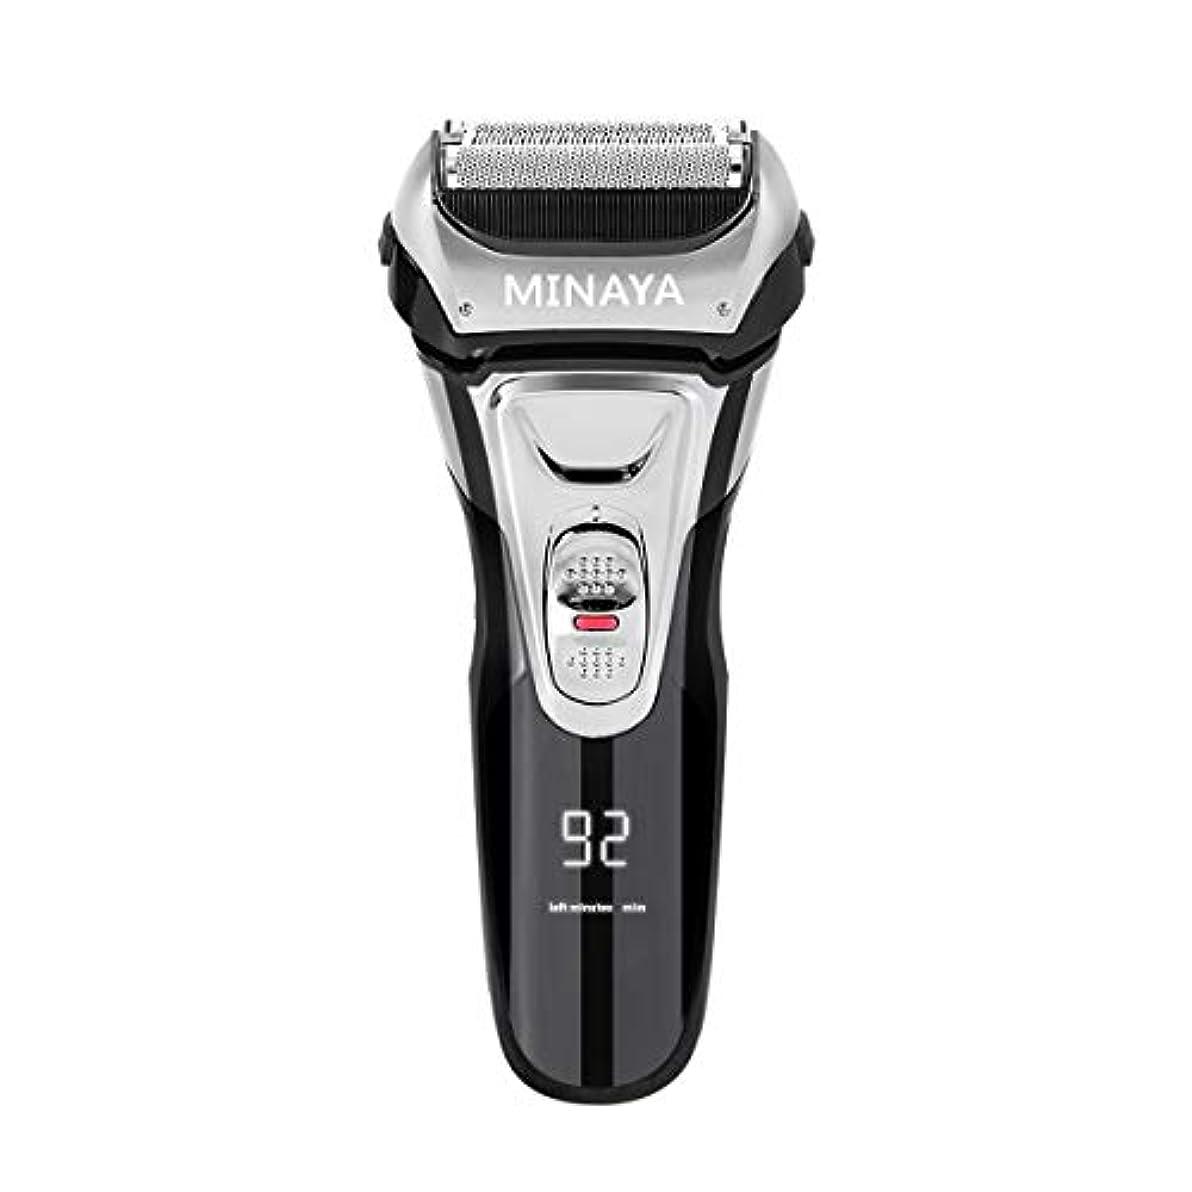 参照する民主党配送電気シェーバー メンズ シェーバー 往復式 3枚刃 髭剃り 電動 カミソリ LEDディスプレイ USB充電式 IPX7防水 水洗い/お風呂剃り対応